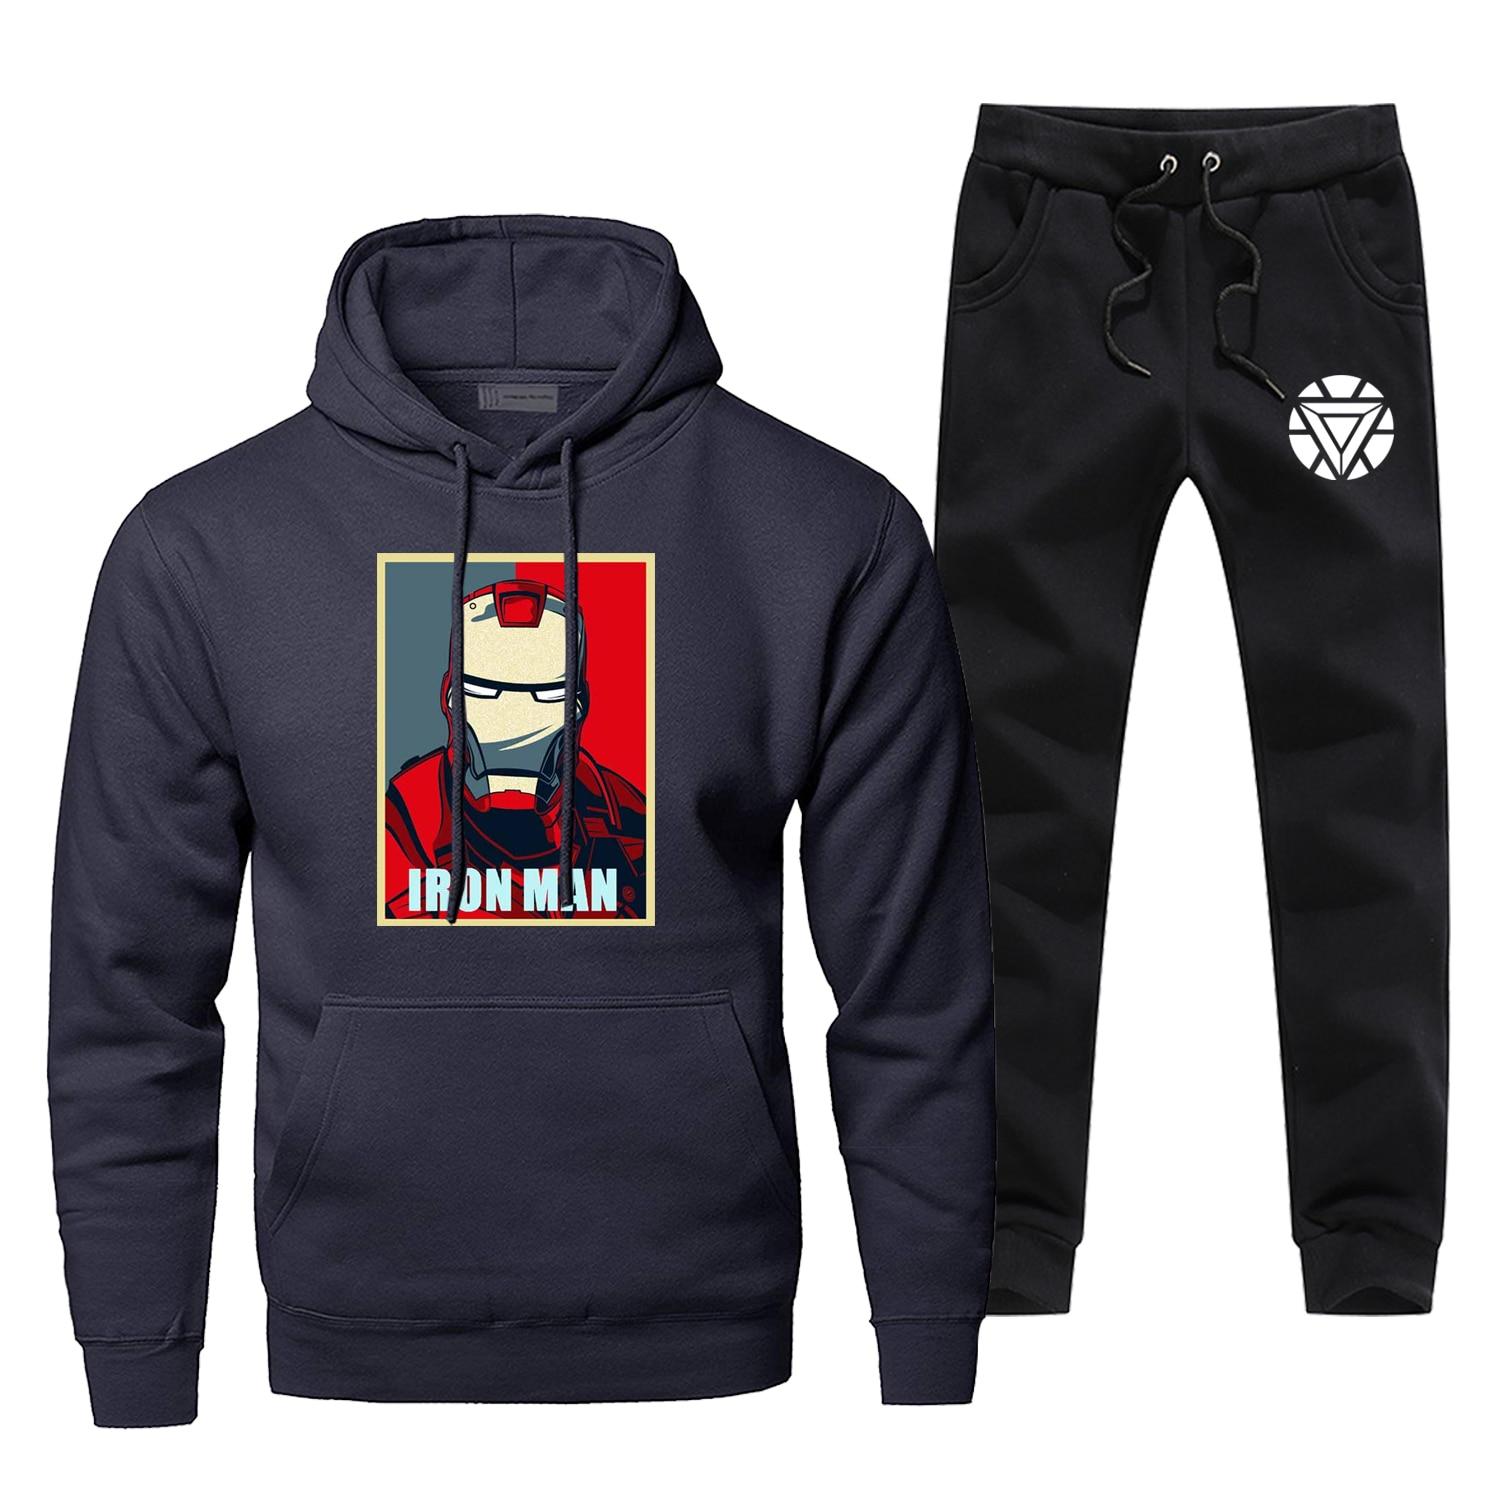 Marvel Avengers Hoodie SuperHero Iron Man Tony Stark Sweatshirts Panst Sets Men Casual Streetwear Fleece Sportswear Sweatpants